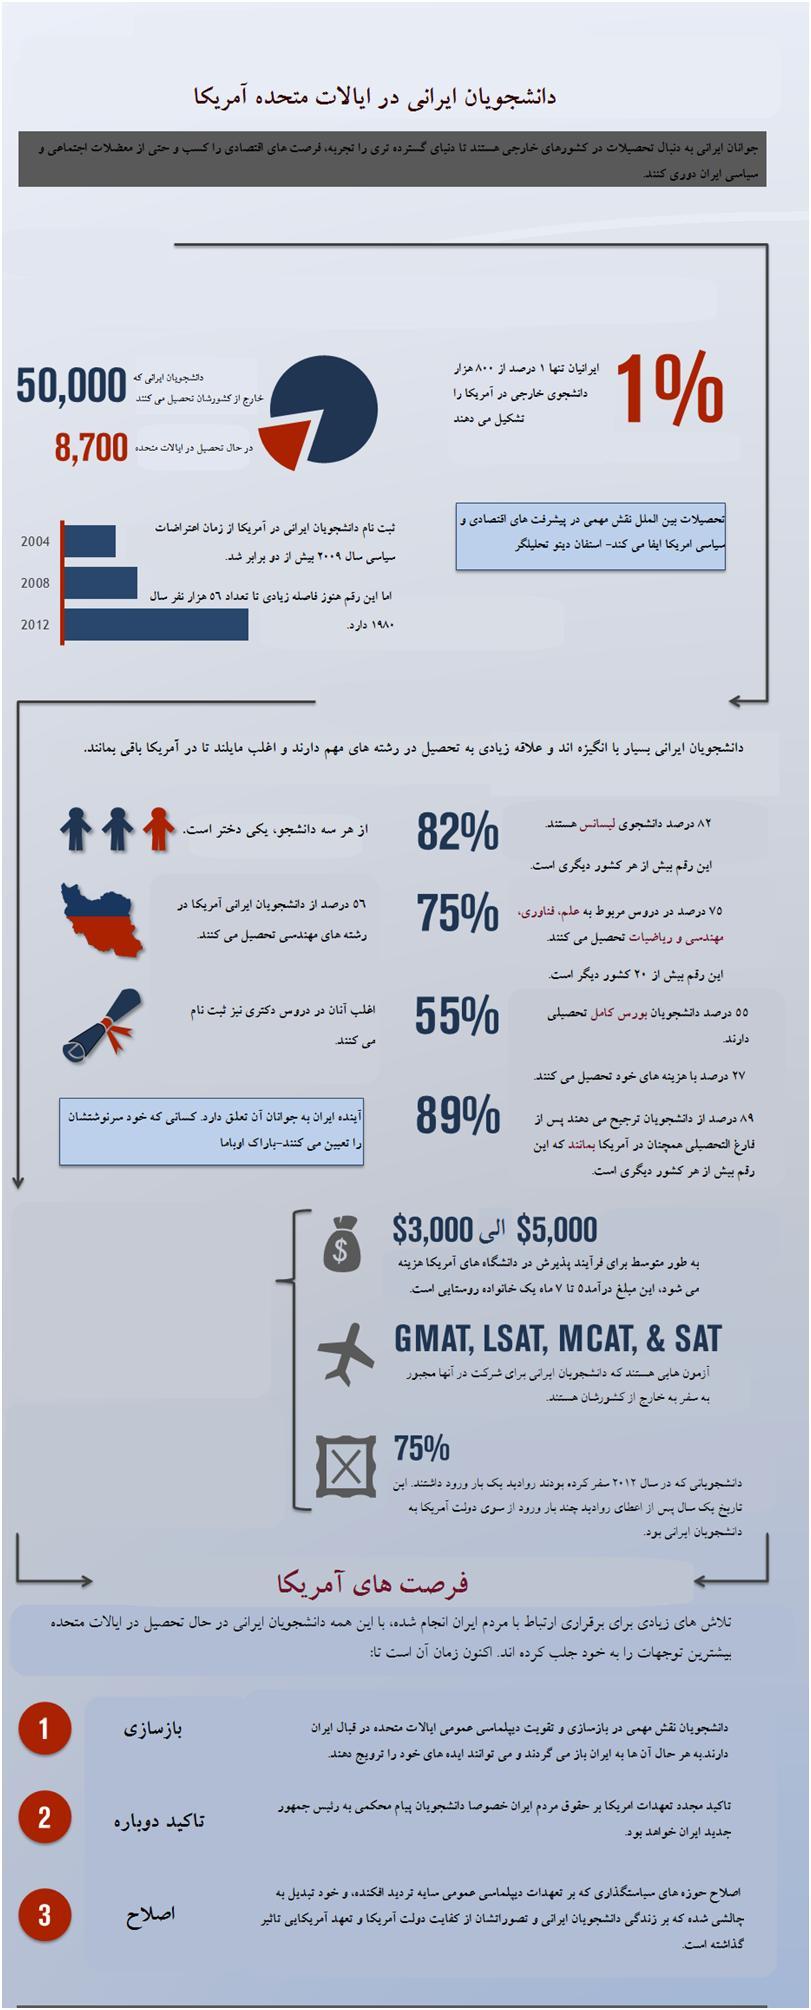 نگاهی تحلیلی به دانشجویان ایرانی ایالات متحده آمریکا+ اینفوگرافی // در حال ویرایش